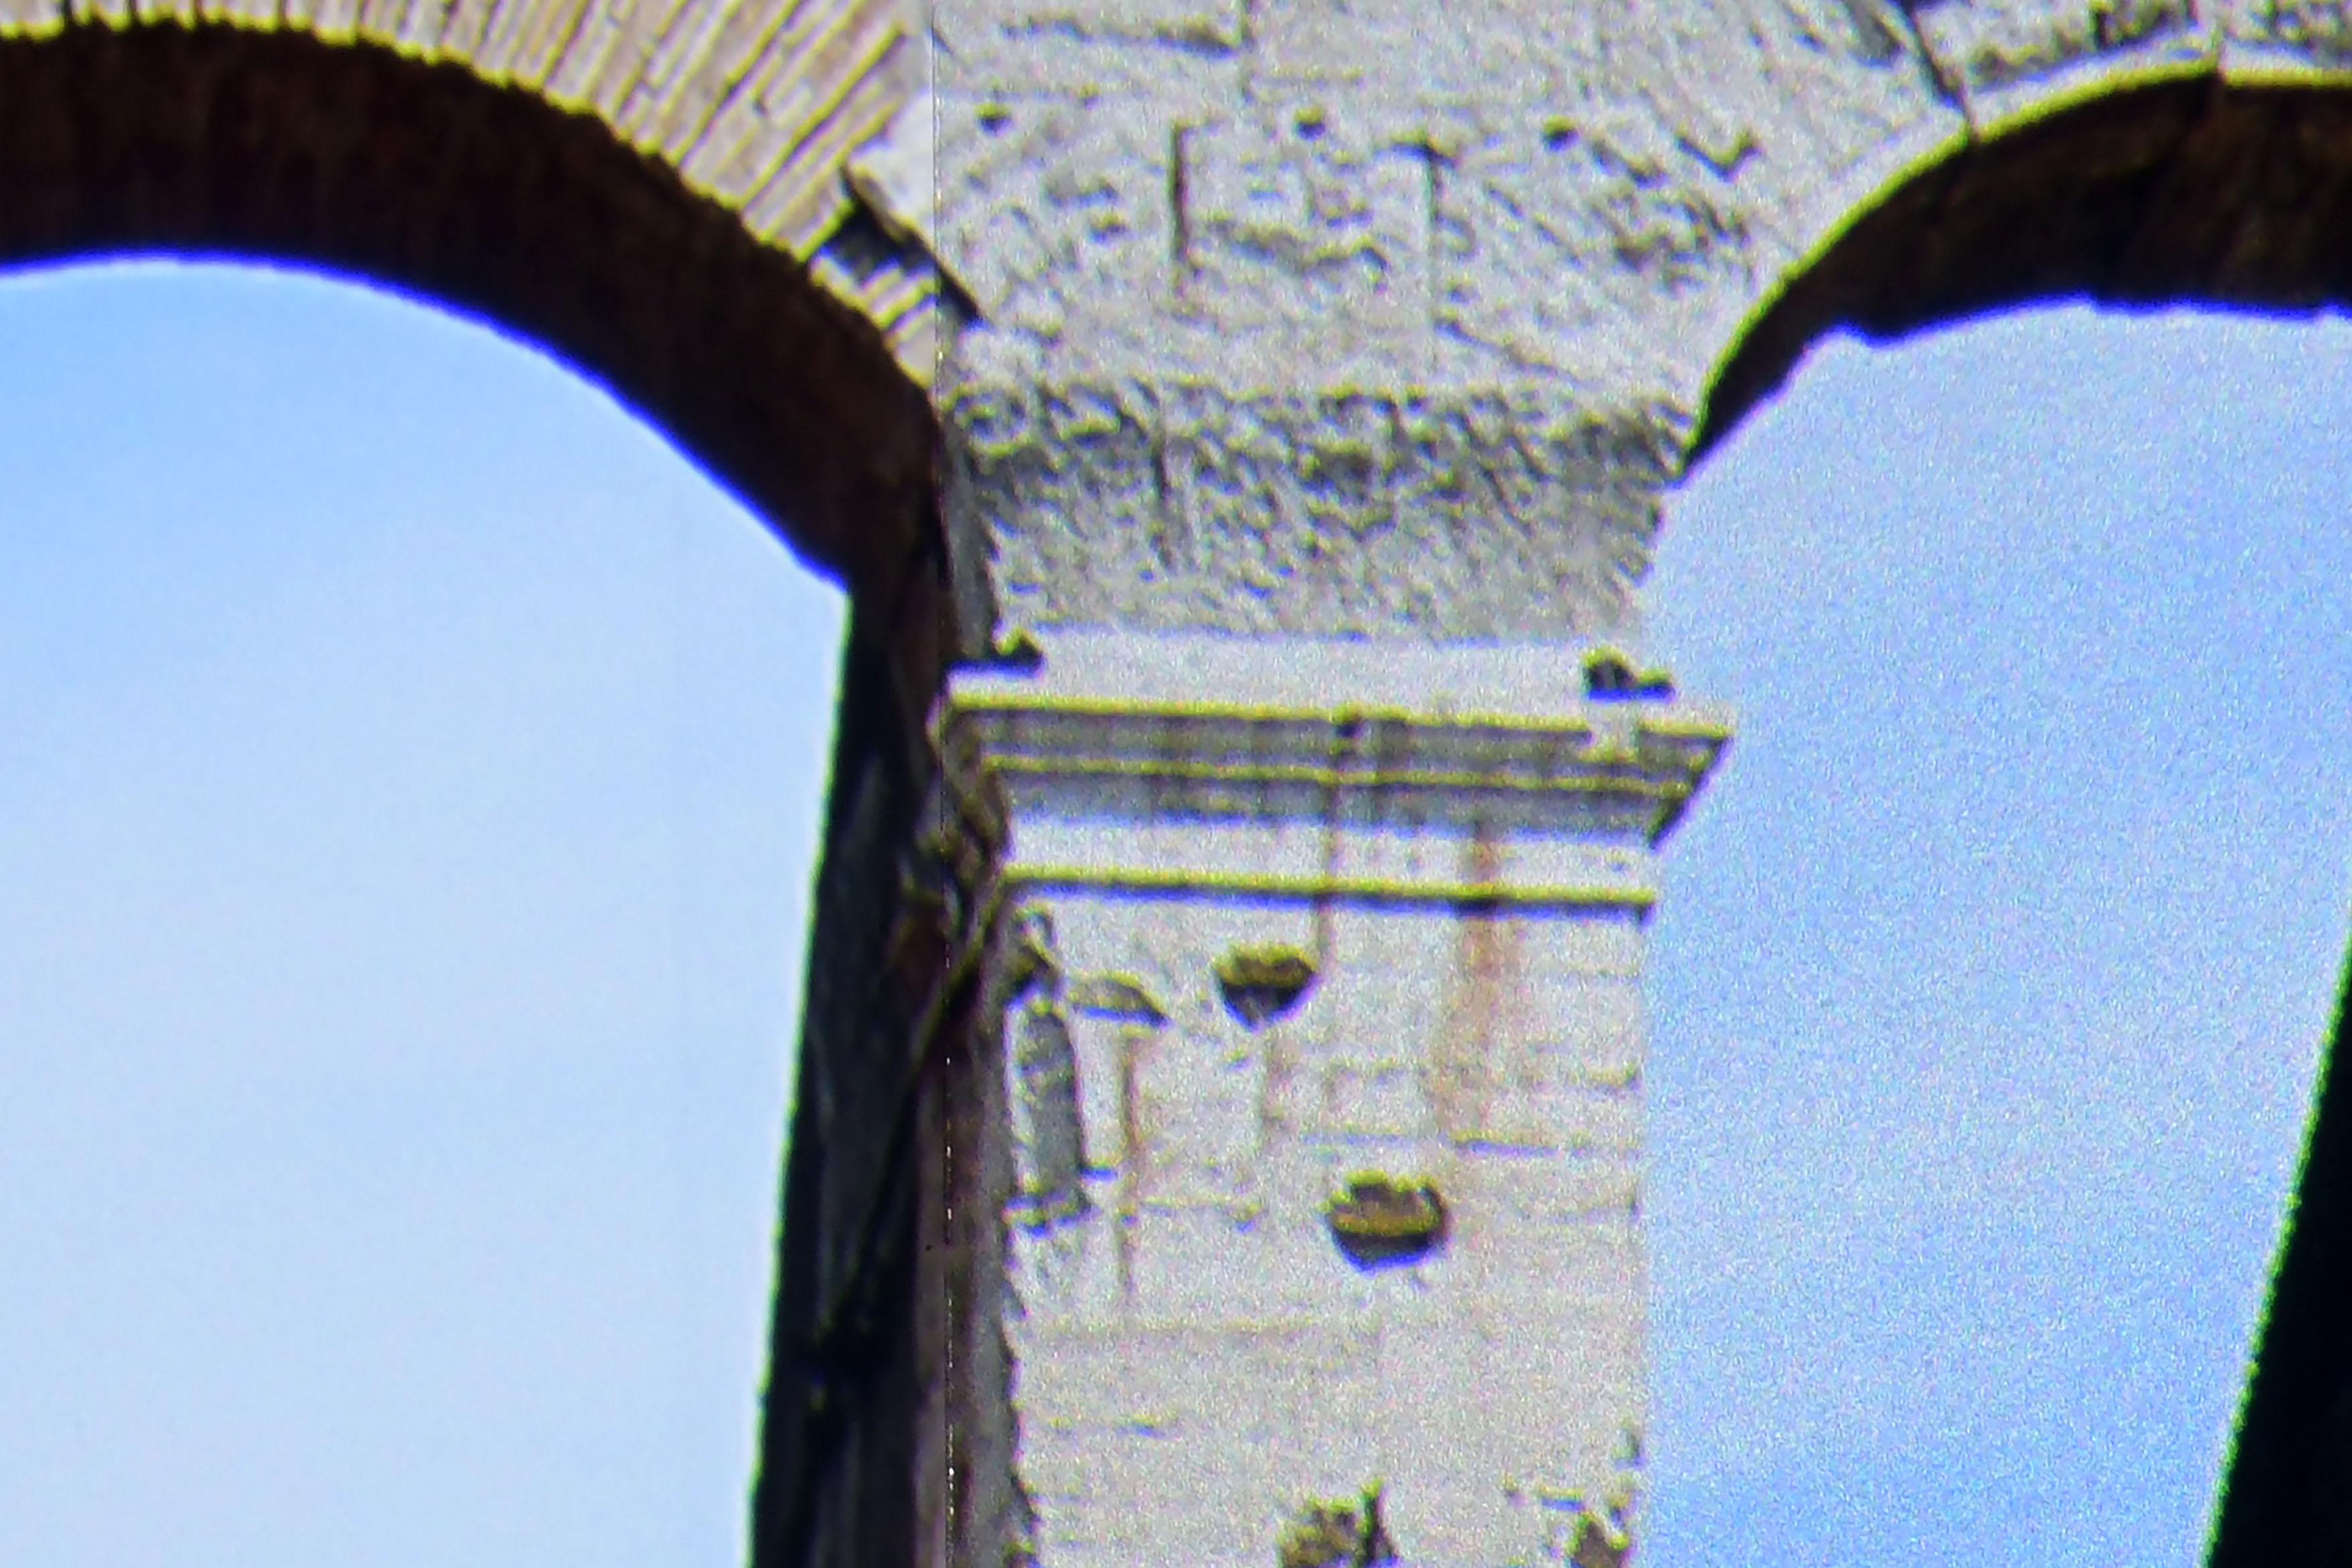 Foto: Michael B. Rehders Heimkino: Stewart StudioTek 100 (links) / Stewart Phantom HALR (rechts) Der Ausschnitt offenbart es jetzt ganz deutlich auf. Während auf der StudioTek 100 der Himmel hinter dem linken Torbogen perfekt abgebildet ist, überlagert die Phantom HALR den Himmel mit einem leichten Grießeln/Glitzern, das entfernt an die alten Dia-Perlleinwände erinnert.